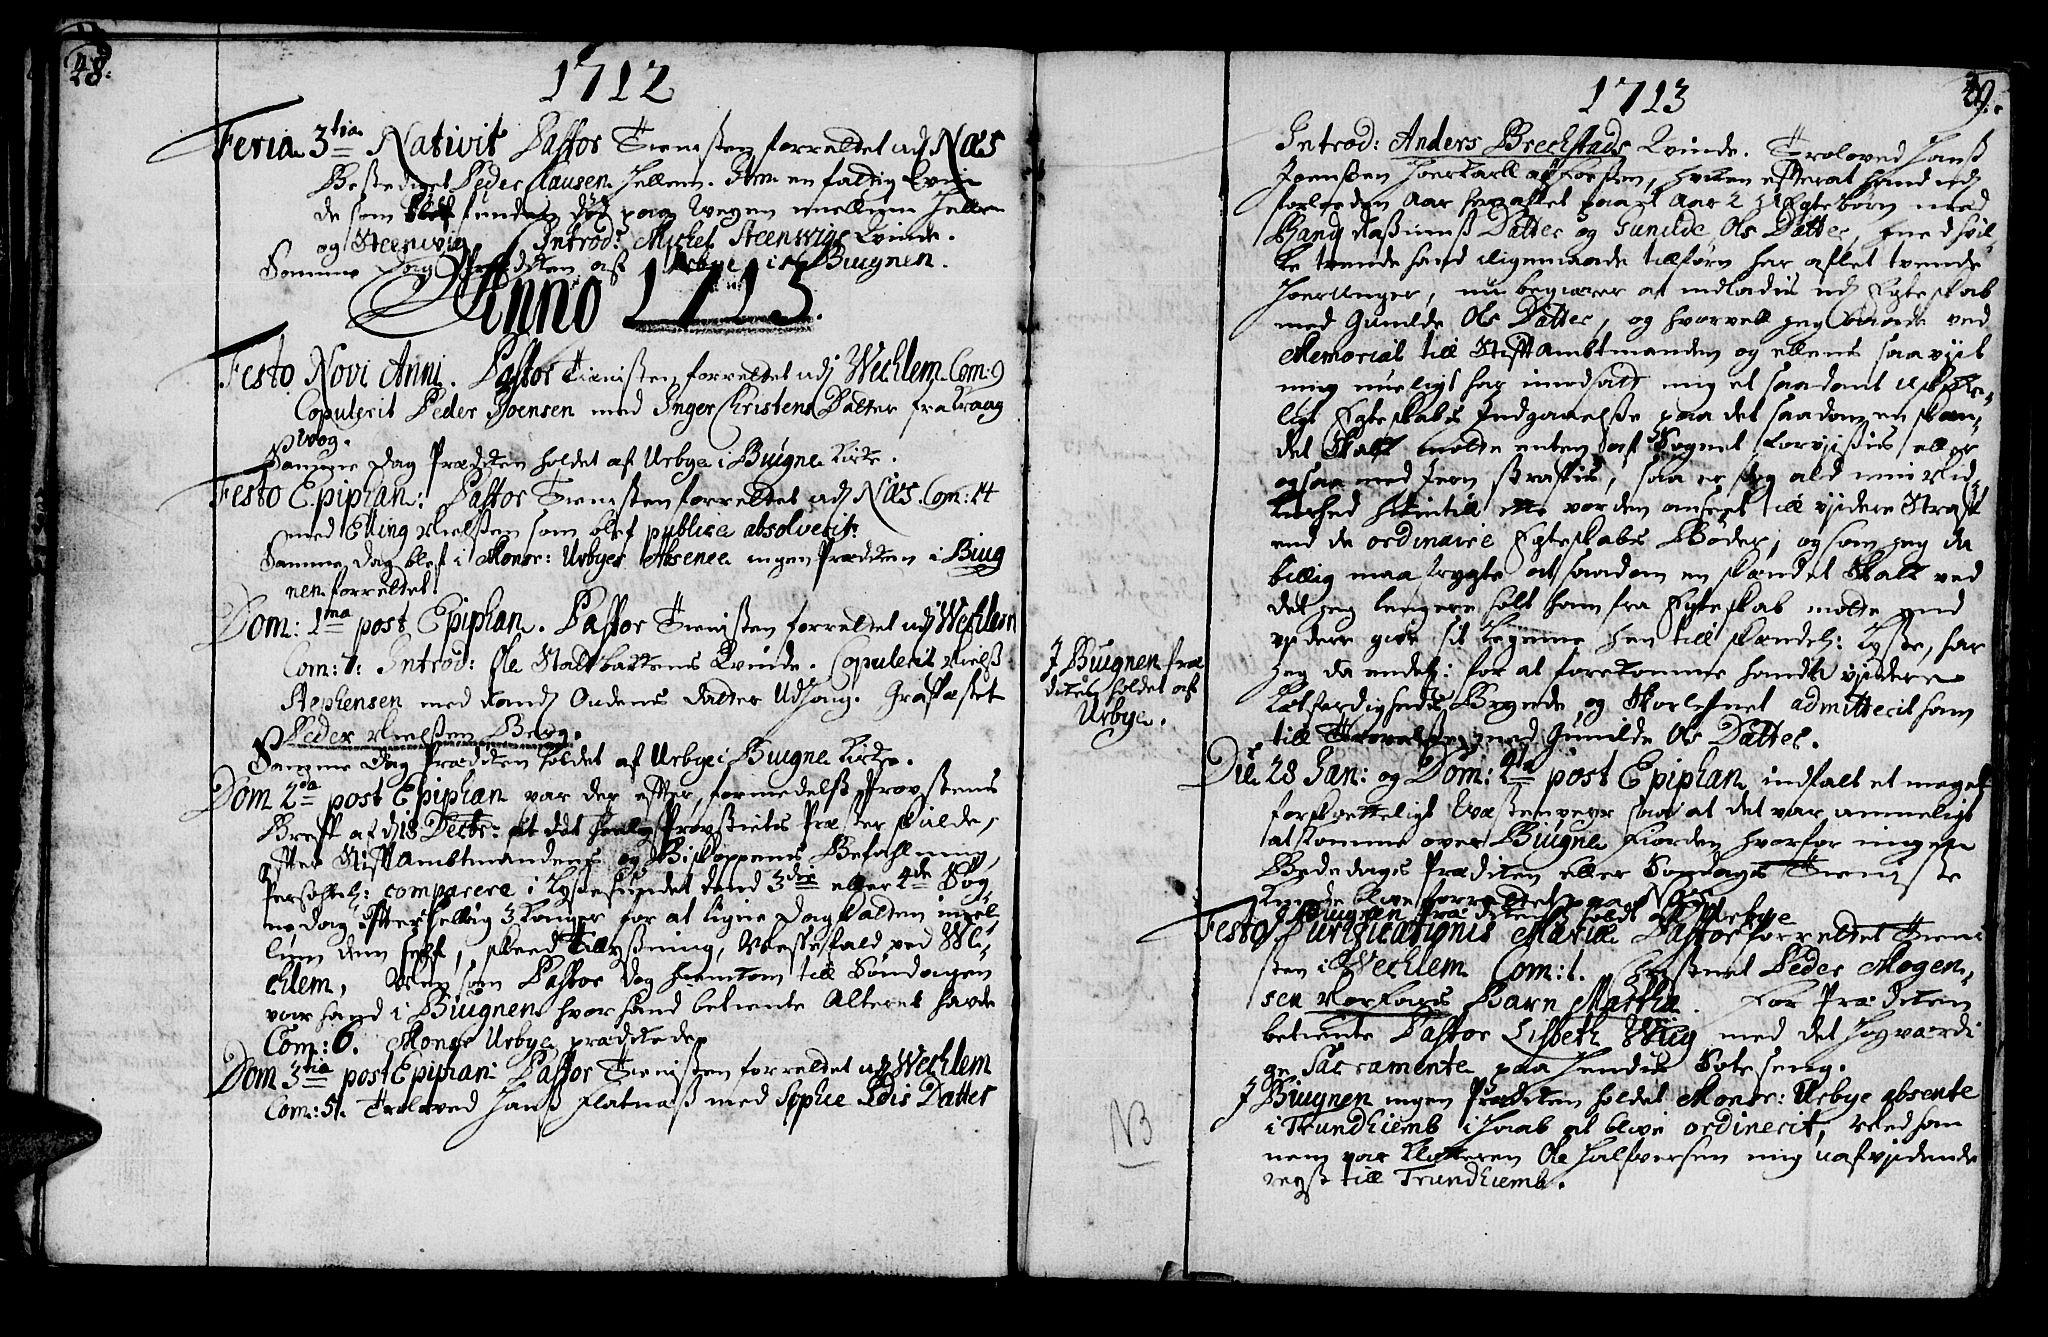 SAT, Ministerialprotokoller, klokkerbøker og fødselsregistre - Sør-Trøndelag, 659/L0731: Ministerialbok nr. 659A01, 1709-1731, s. 48-49